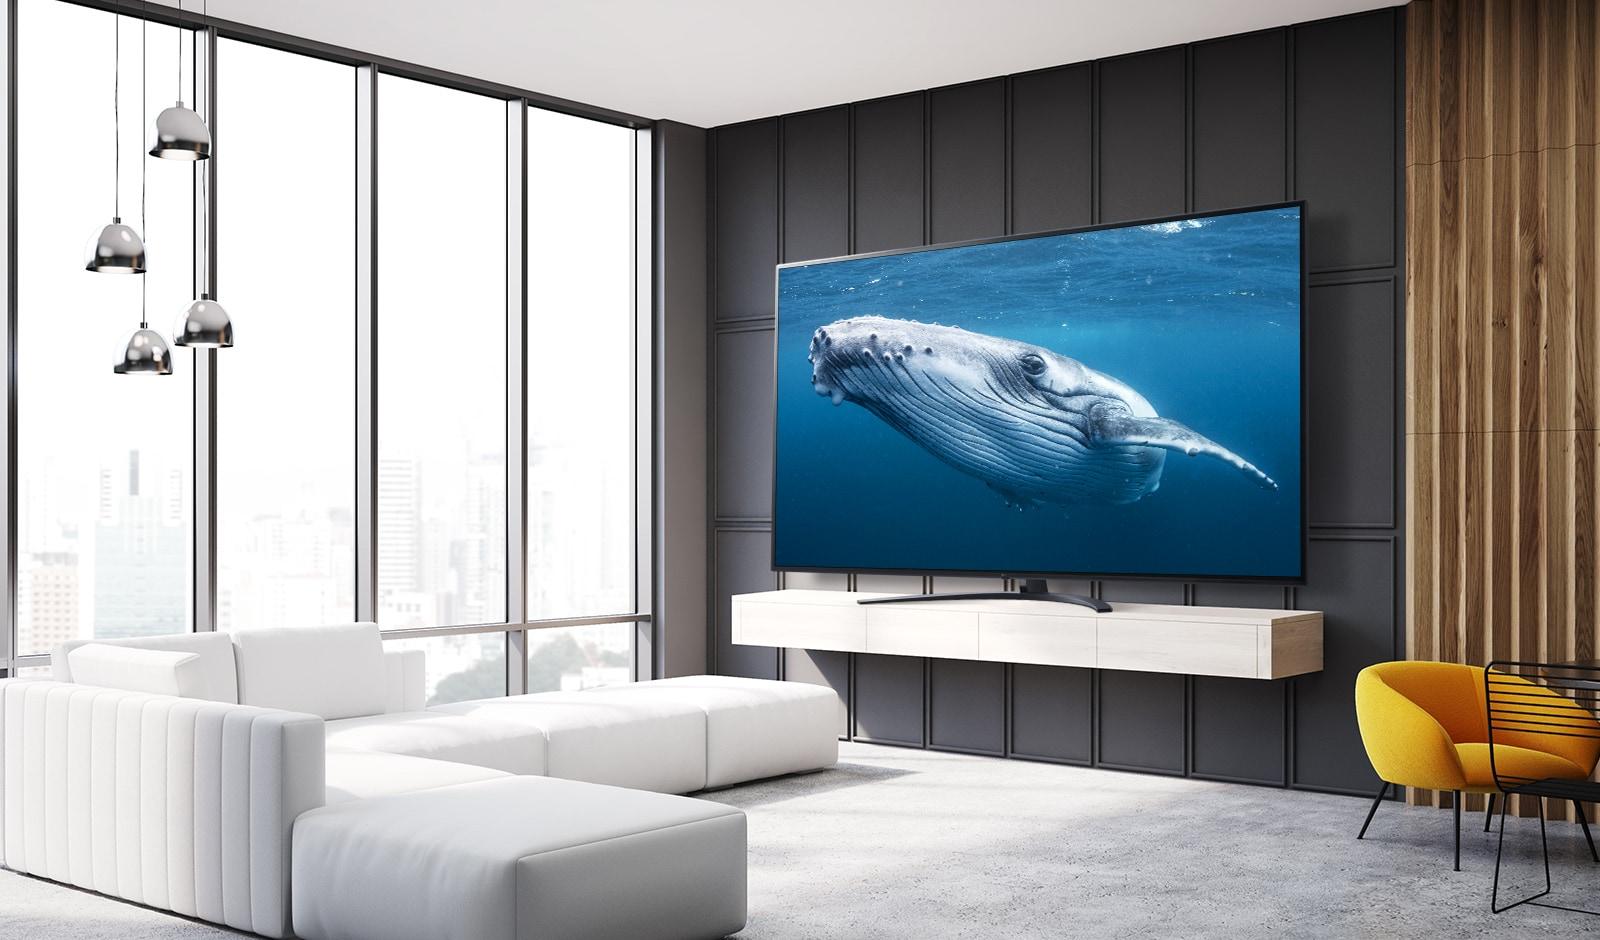 En un salón, se observa un TV de pantalla grande que muestra la imagen de una gran ballena en el mar.